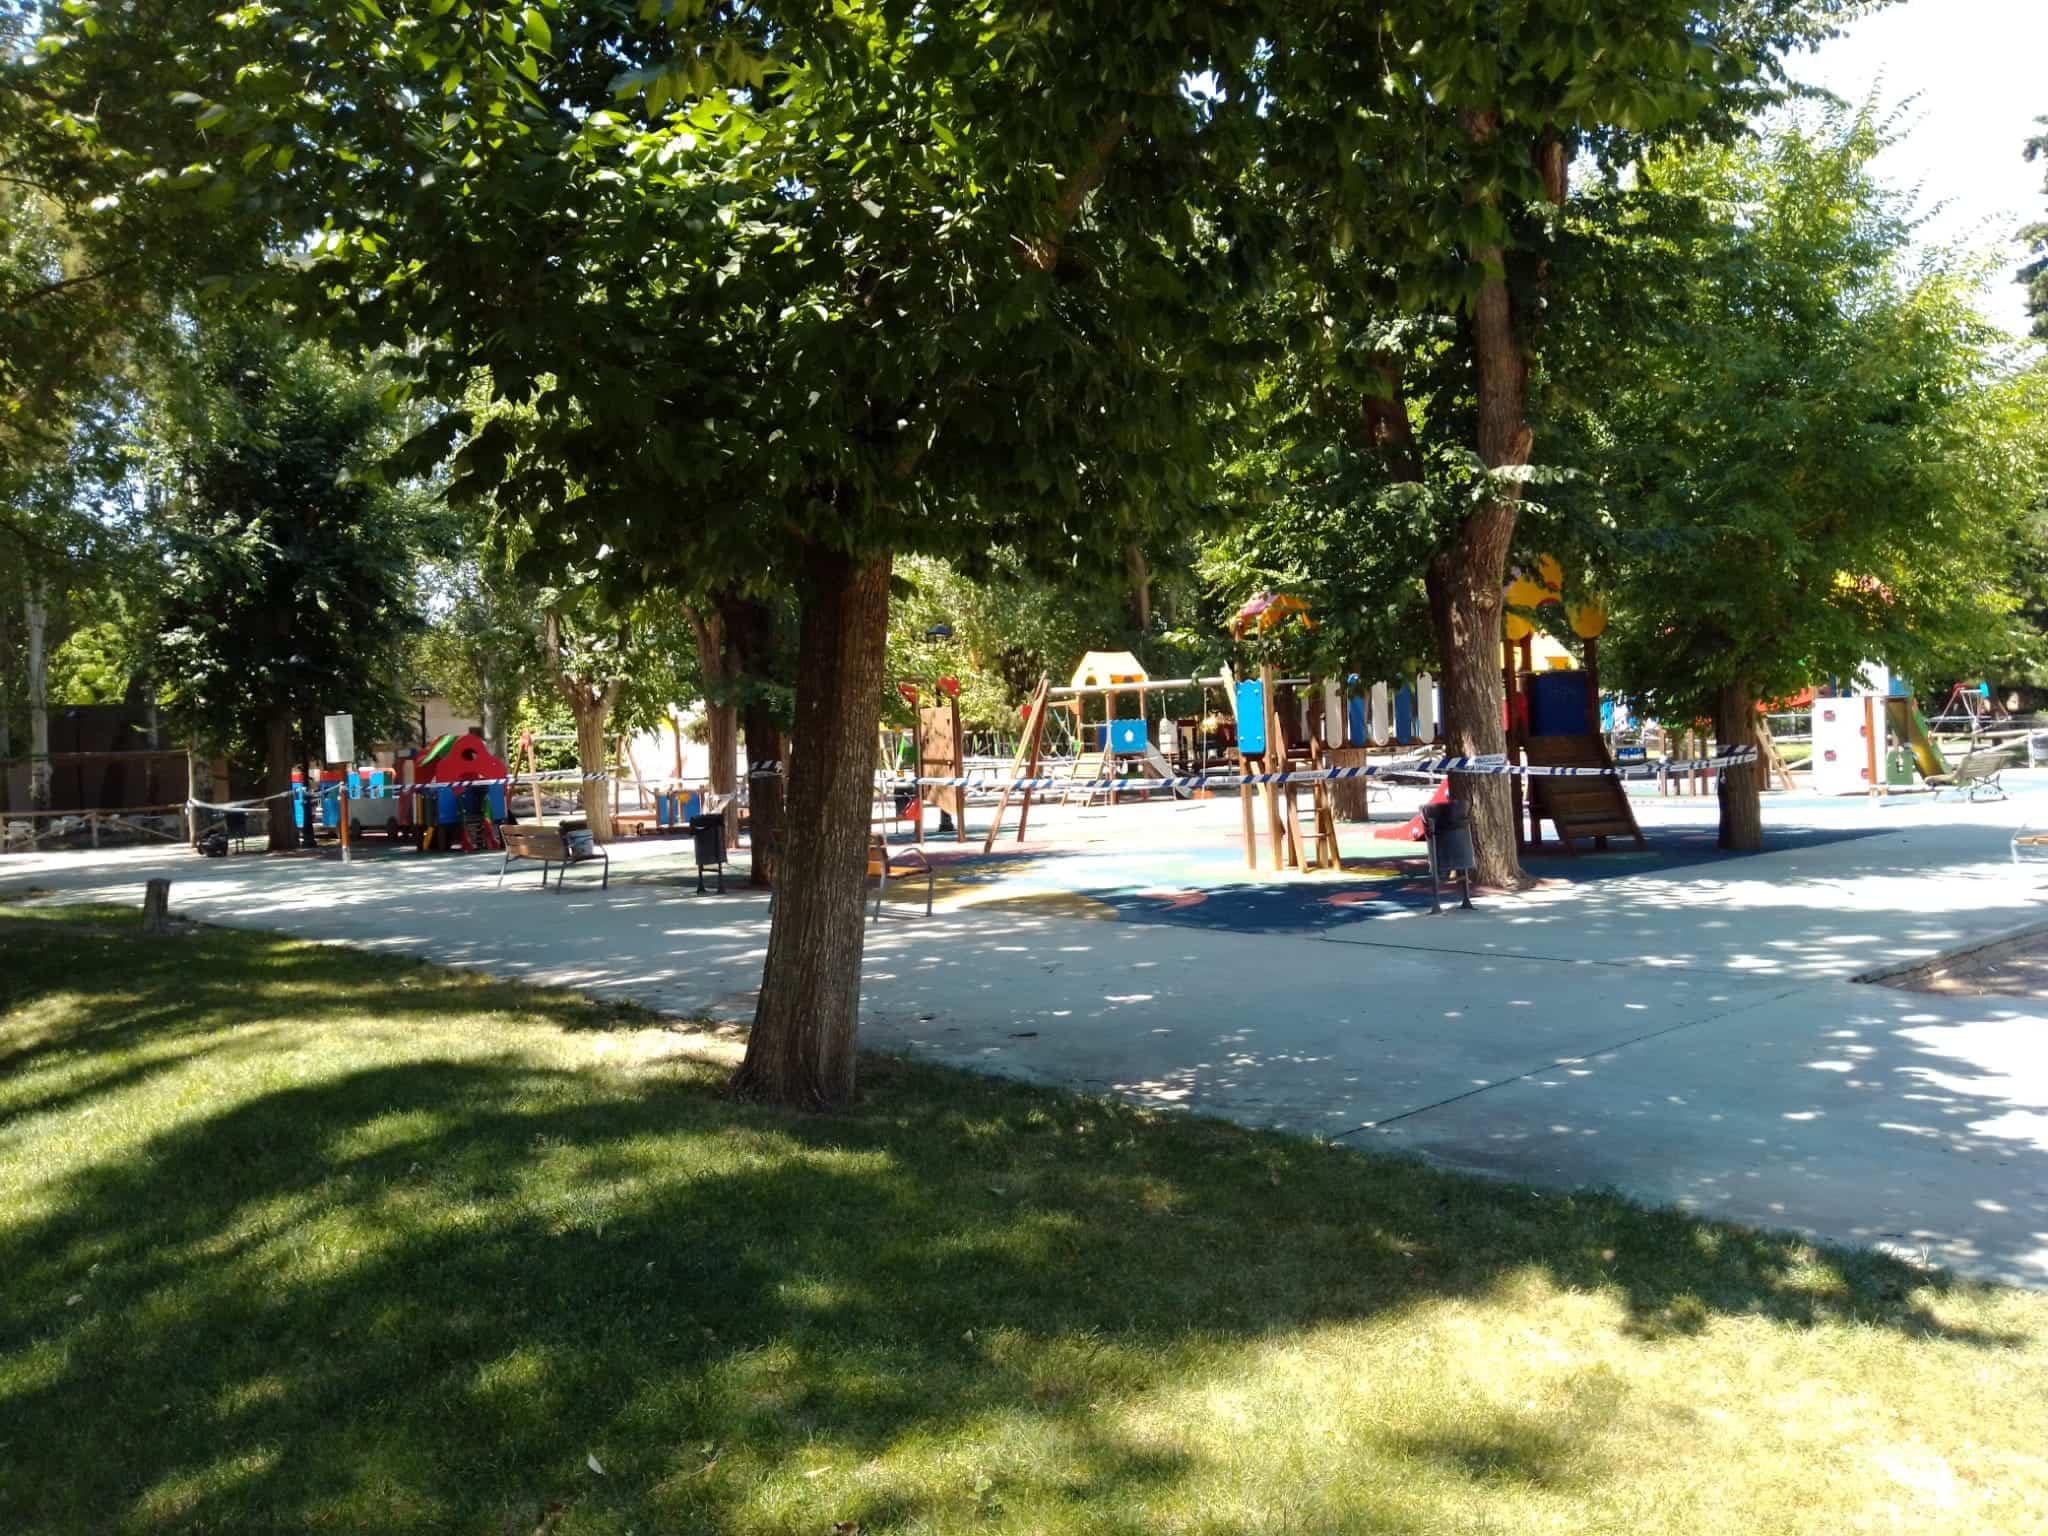 apertura parques infantiles herencia 1 - Herencia reabre sus parques infantiles bajo un protocolo diario de limpieza y desinfección